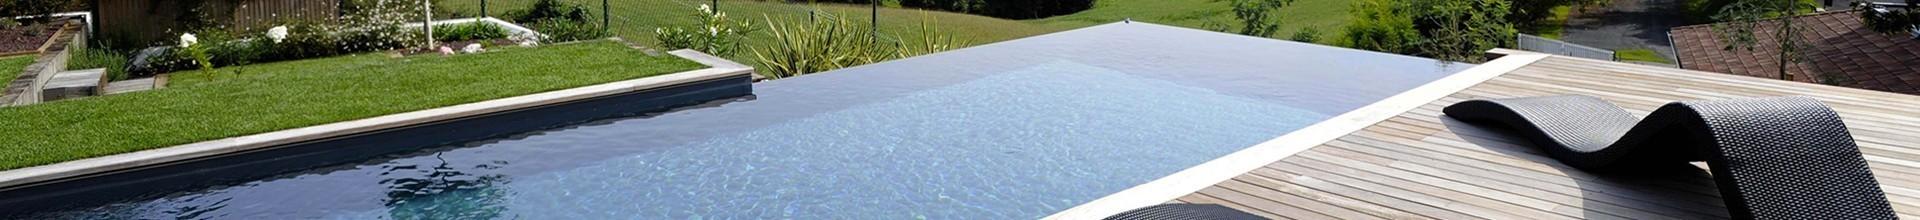 Projet piscine Ile de France : votre projet coque polyester